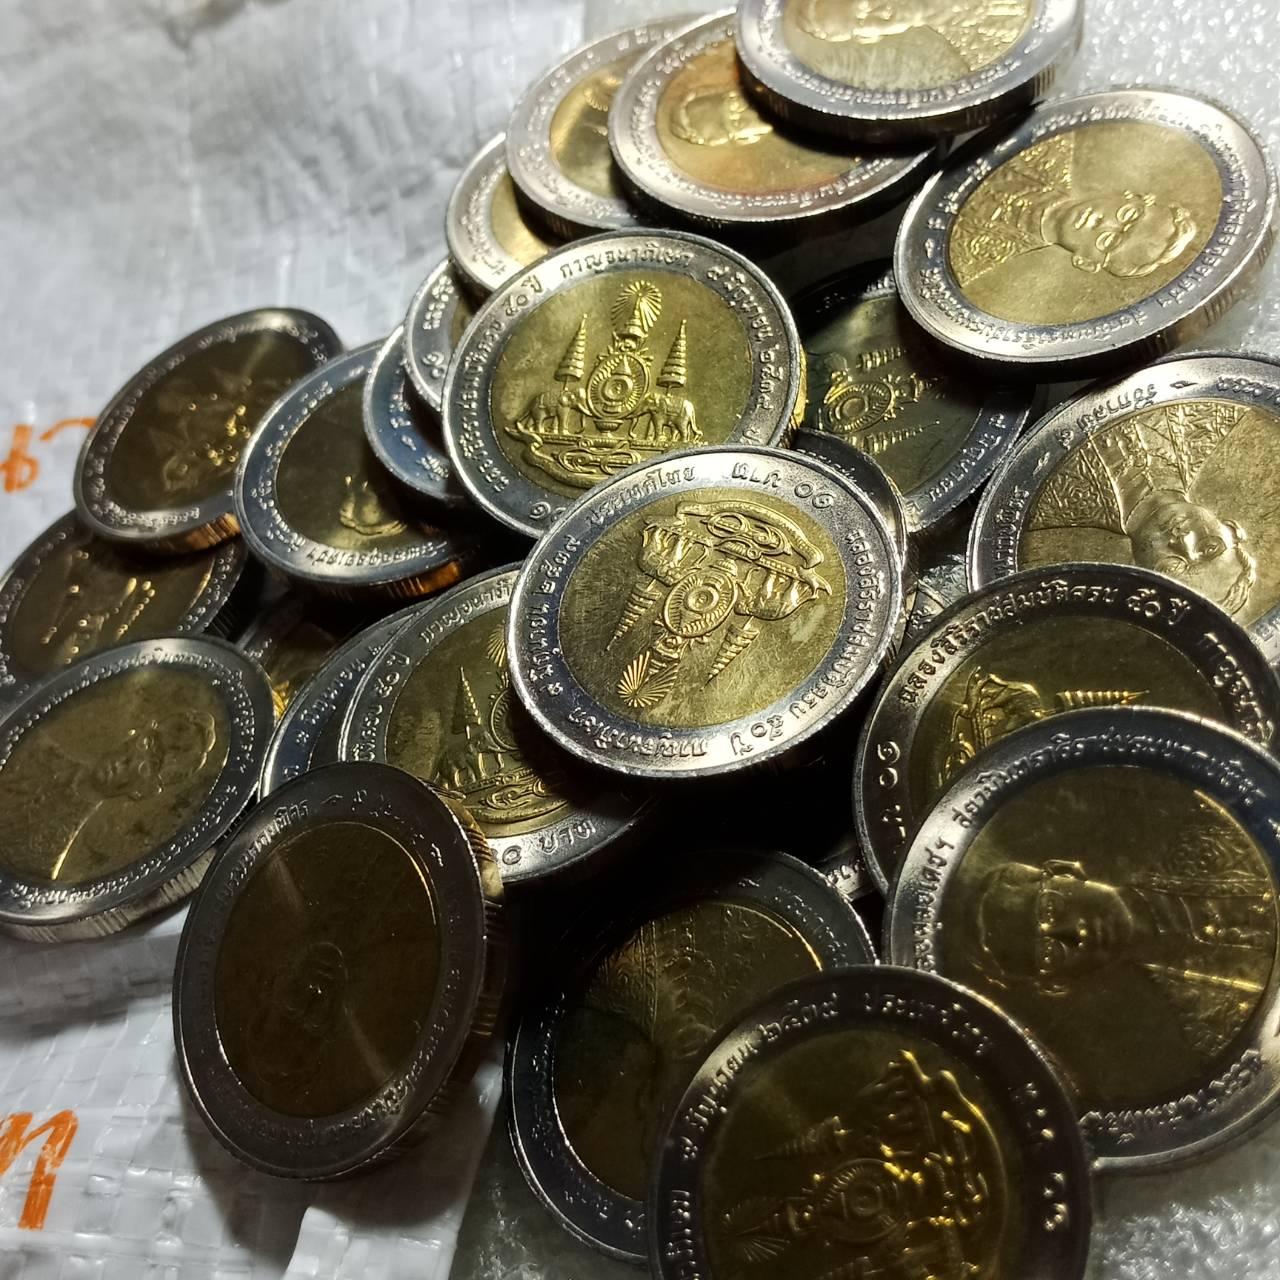 เหรียญ 10 บาท 2539 กาญจนาฯ ไม่ผ่านใช้ UNC